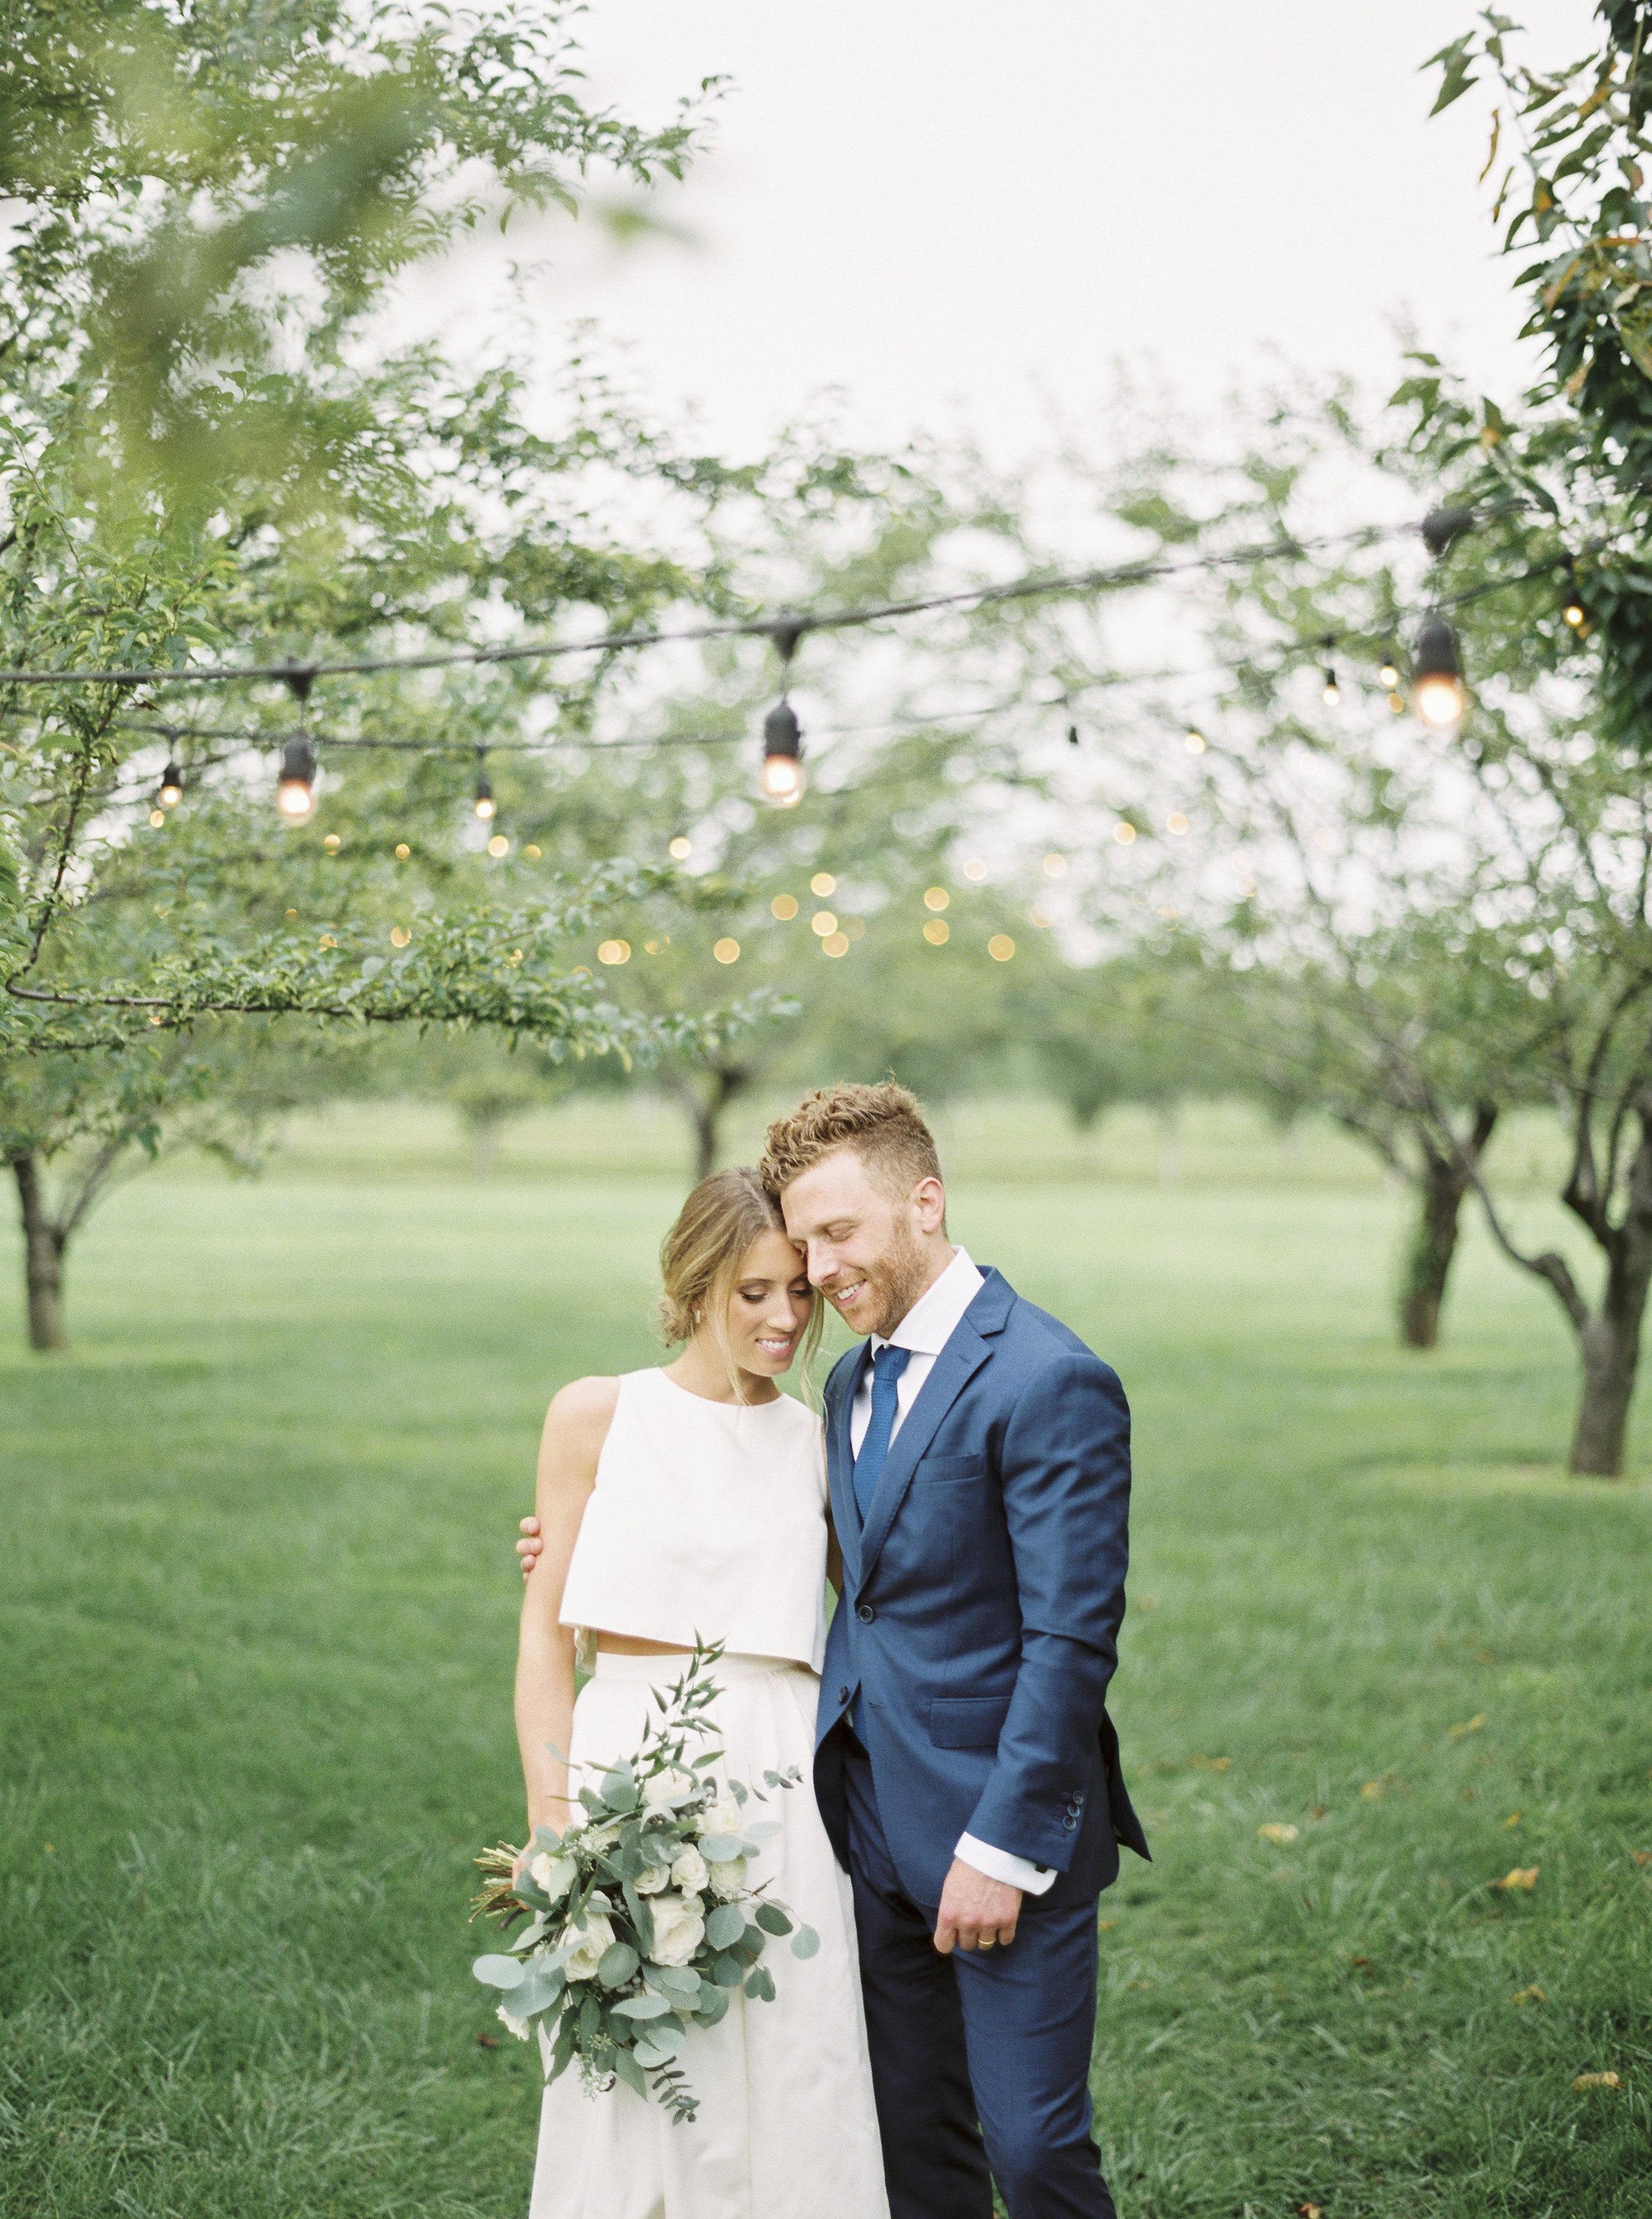 Wedding___Nicole___Eric_553.jpg